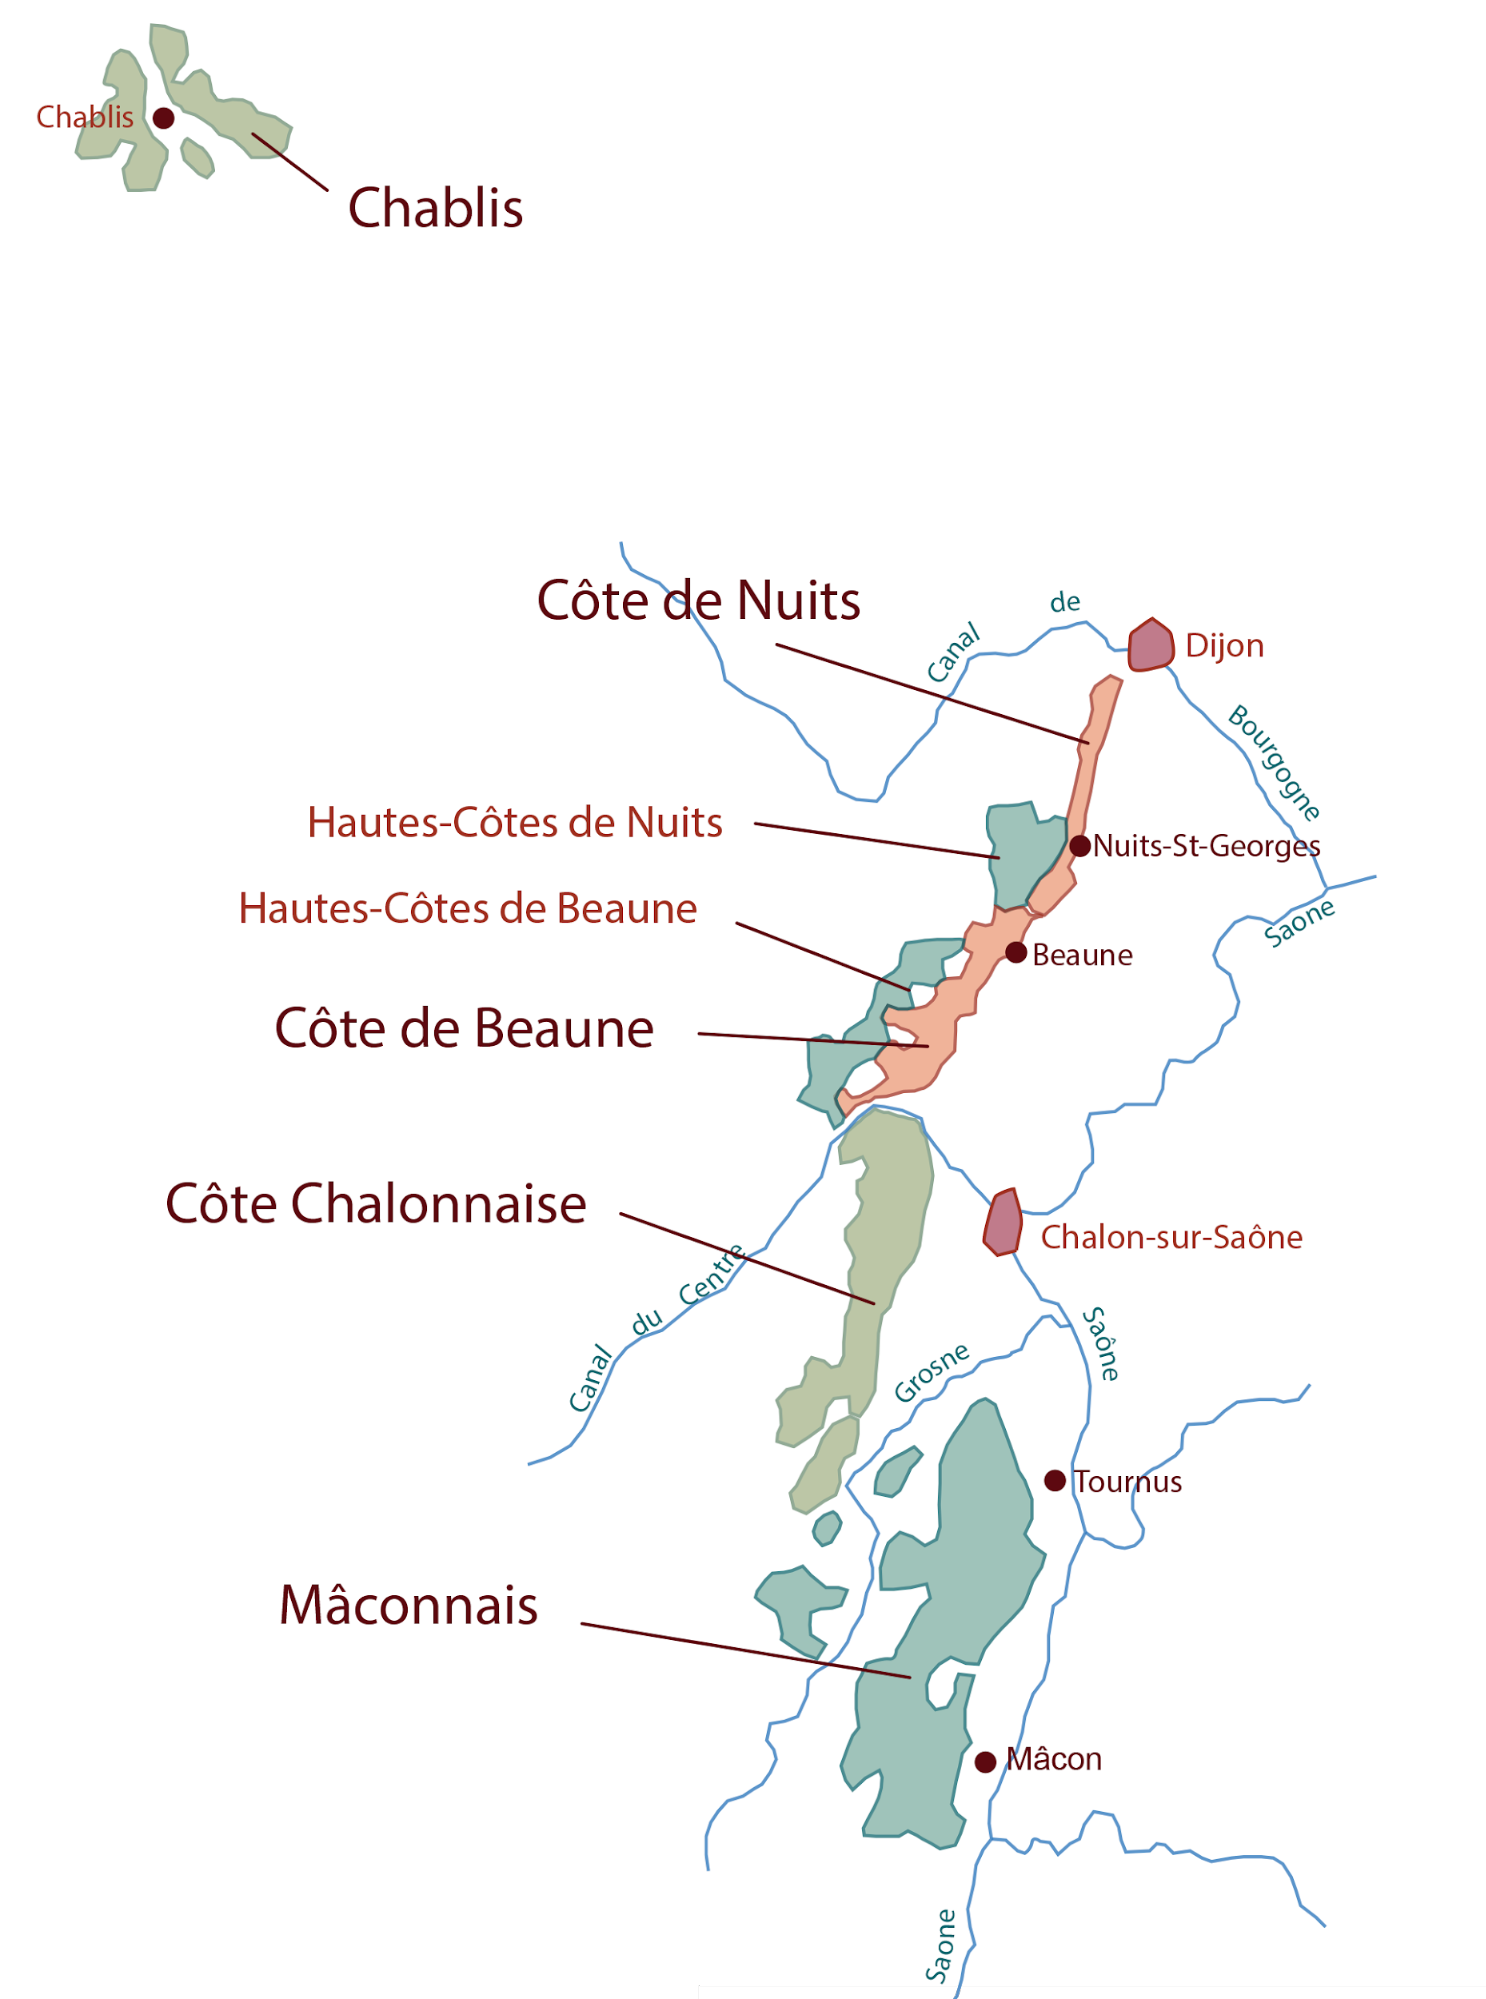 Bourgogne wine region of France; White Burgundy wine